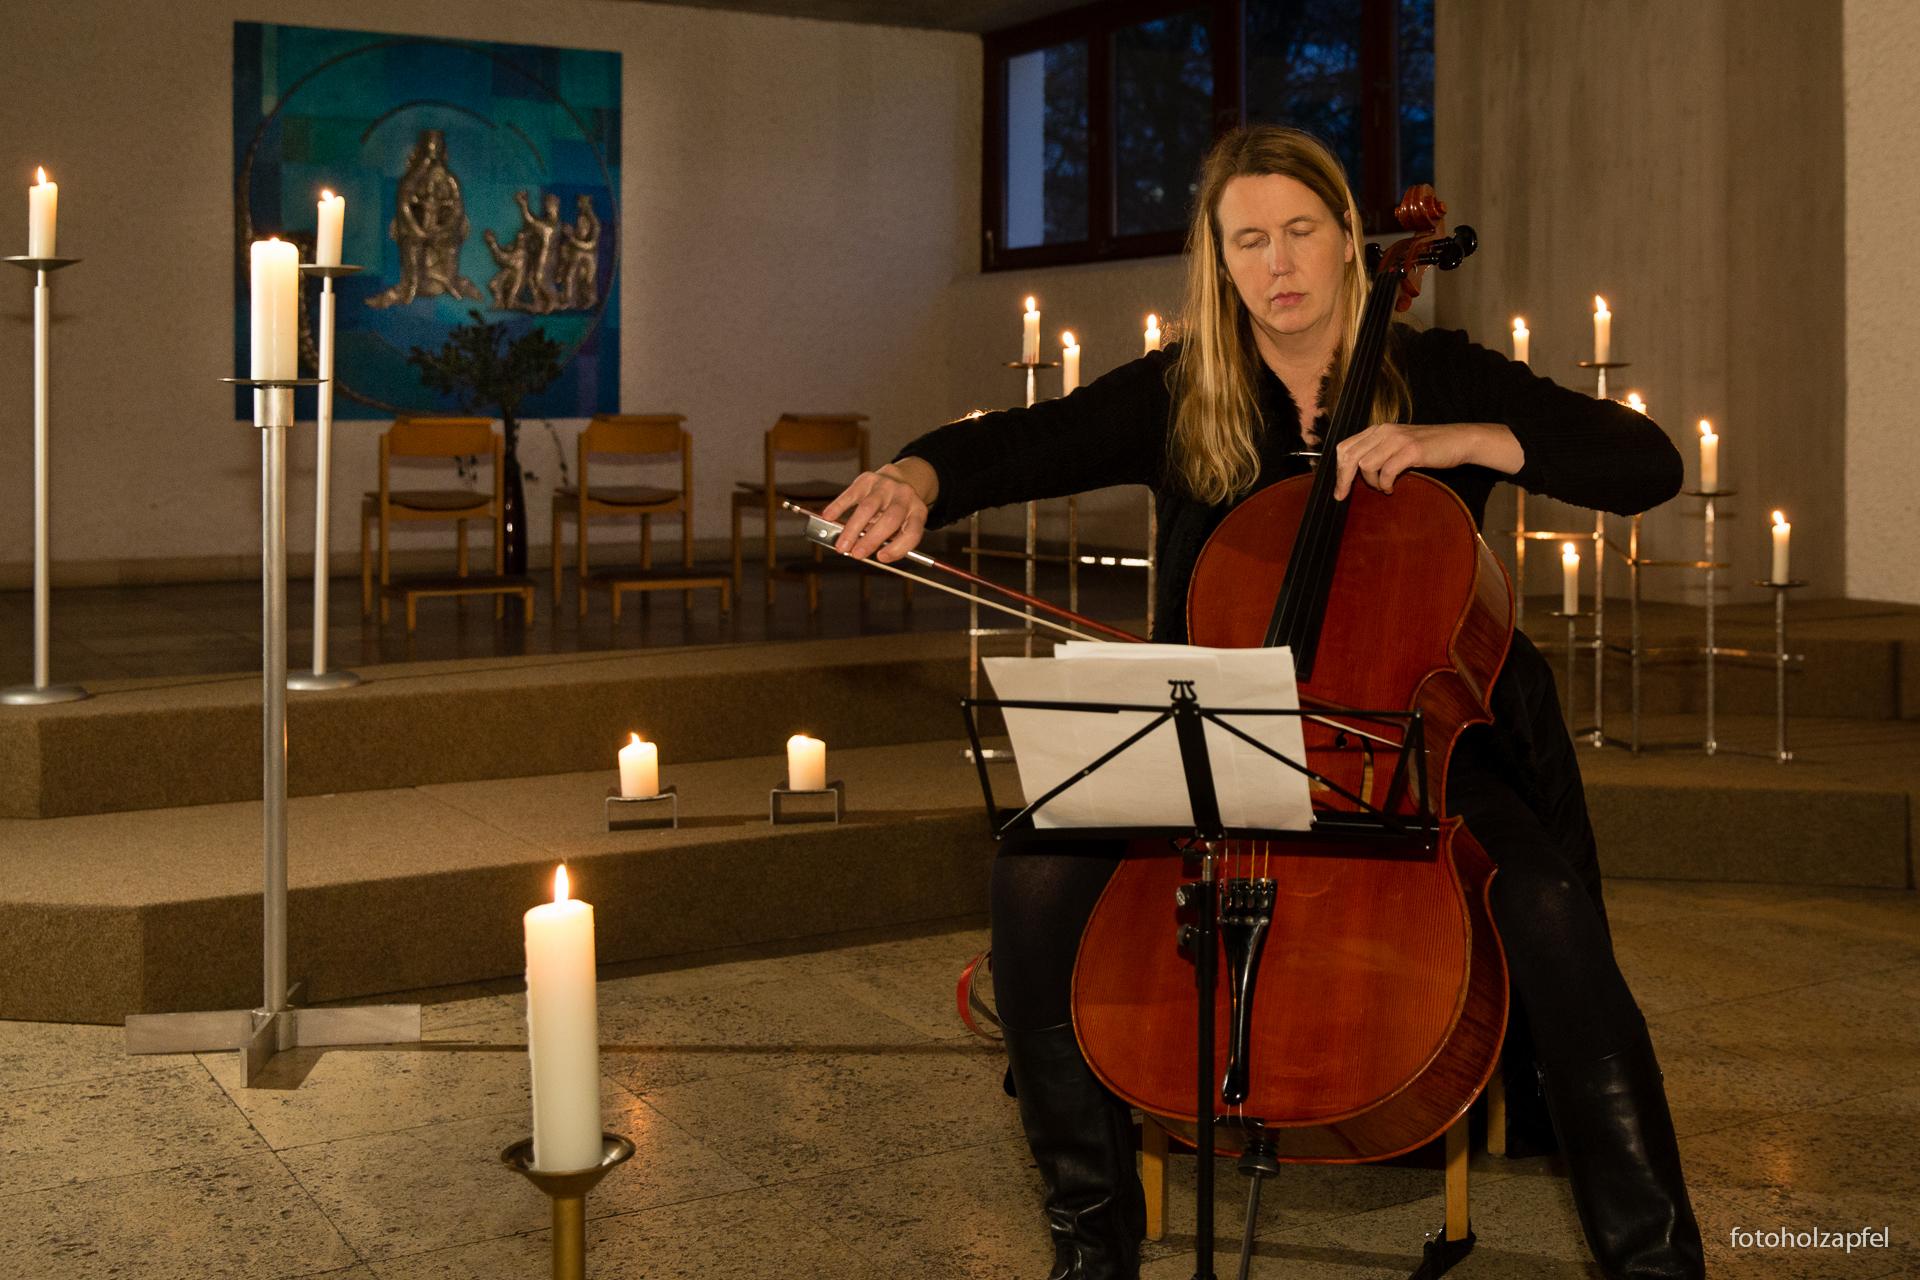 Johanna Varner Morgenrot